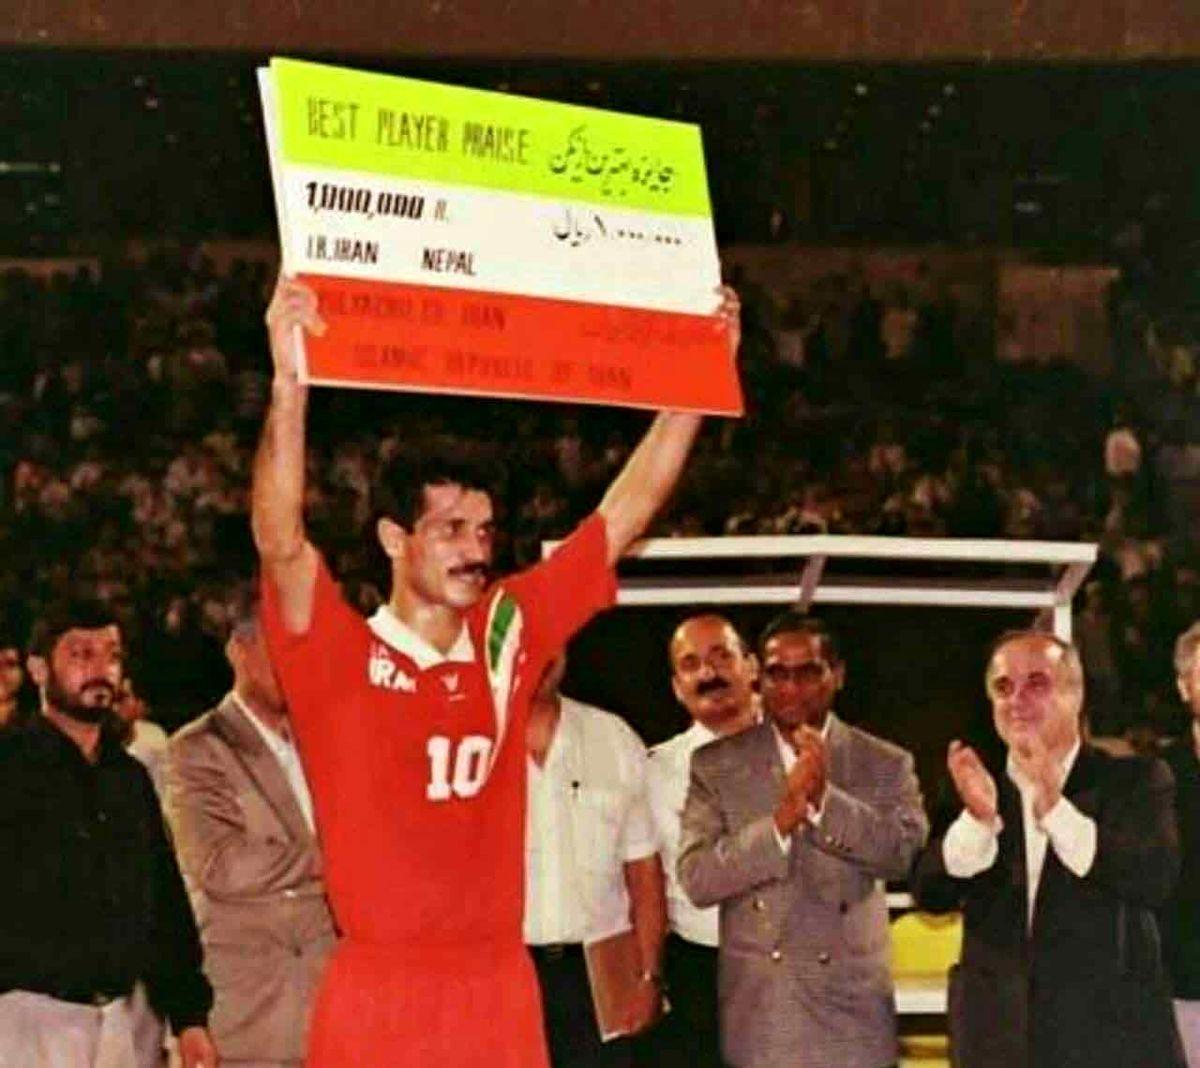 تصویر جایزه باورنکردنی علی دایی به عنوان بهترین بازیکن زمین